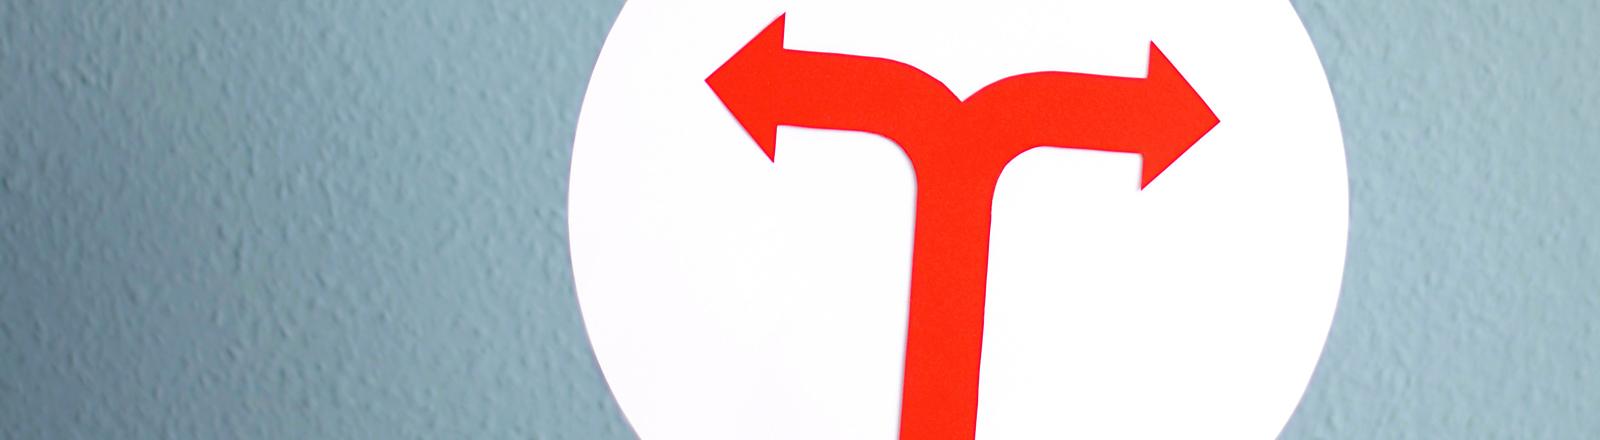 Ein Pfeil zeigt nach links, einer nach rechts.